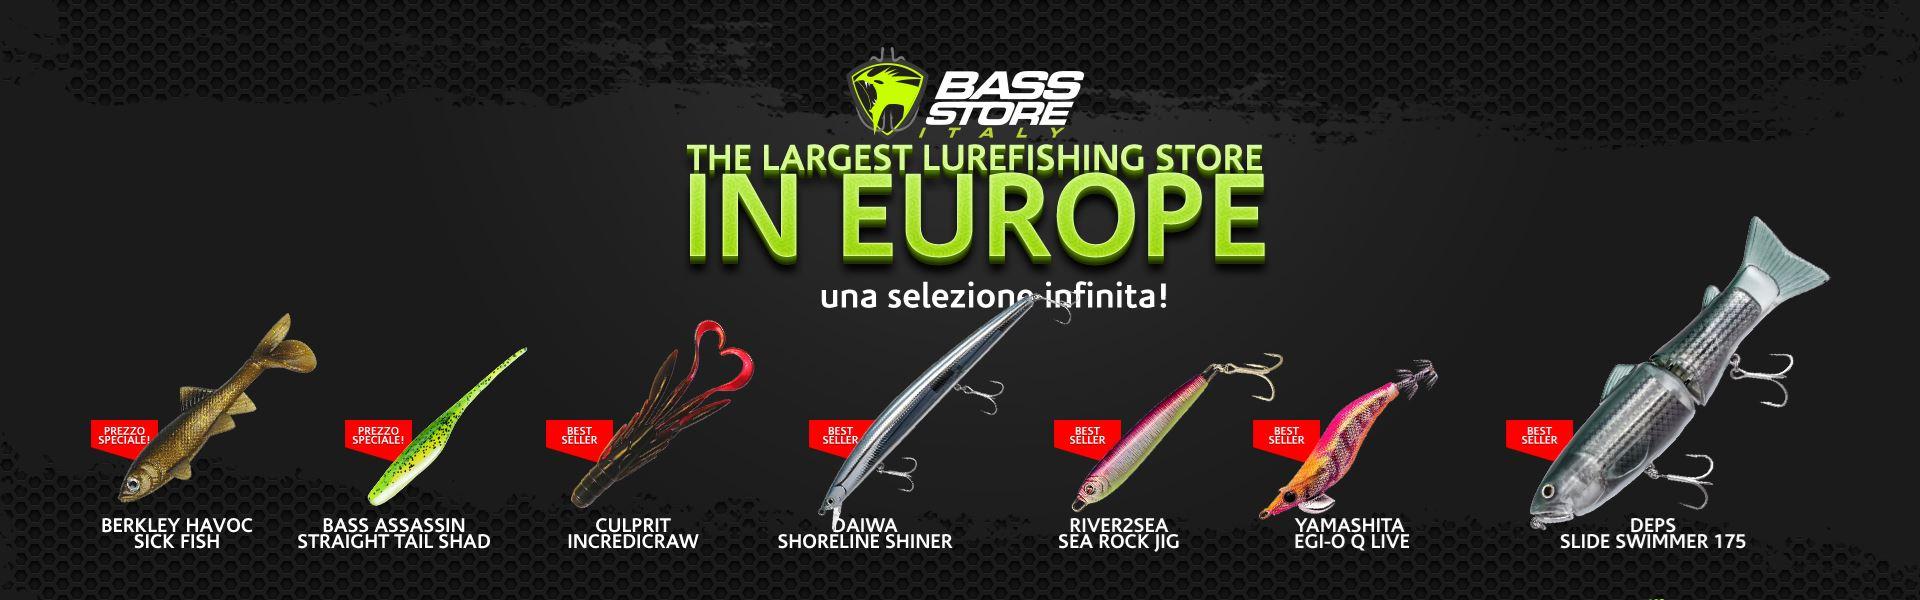 Scegli tra l'immensa collezione di prodotti per la pesca a spinning. Luccio, Bass, Saltwater, Trota